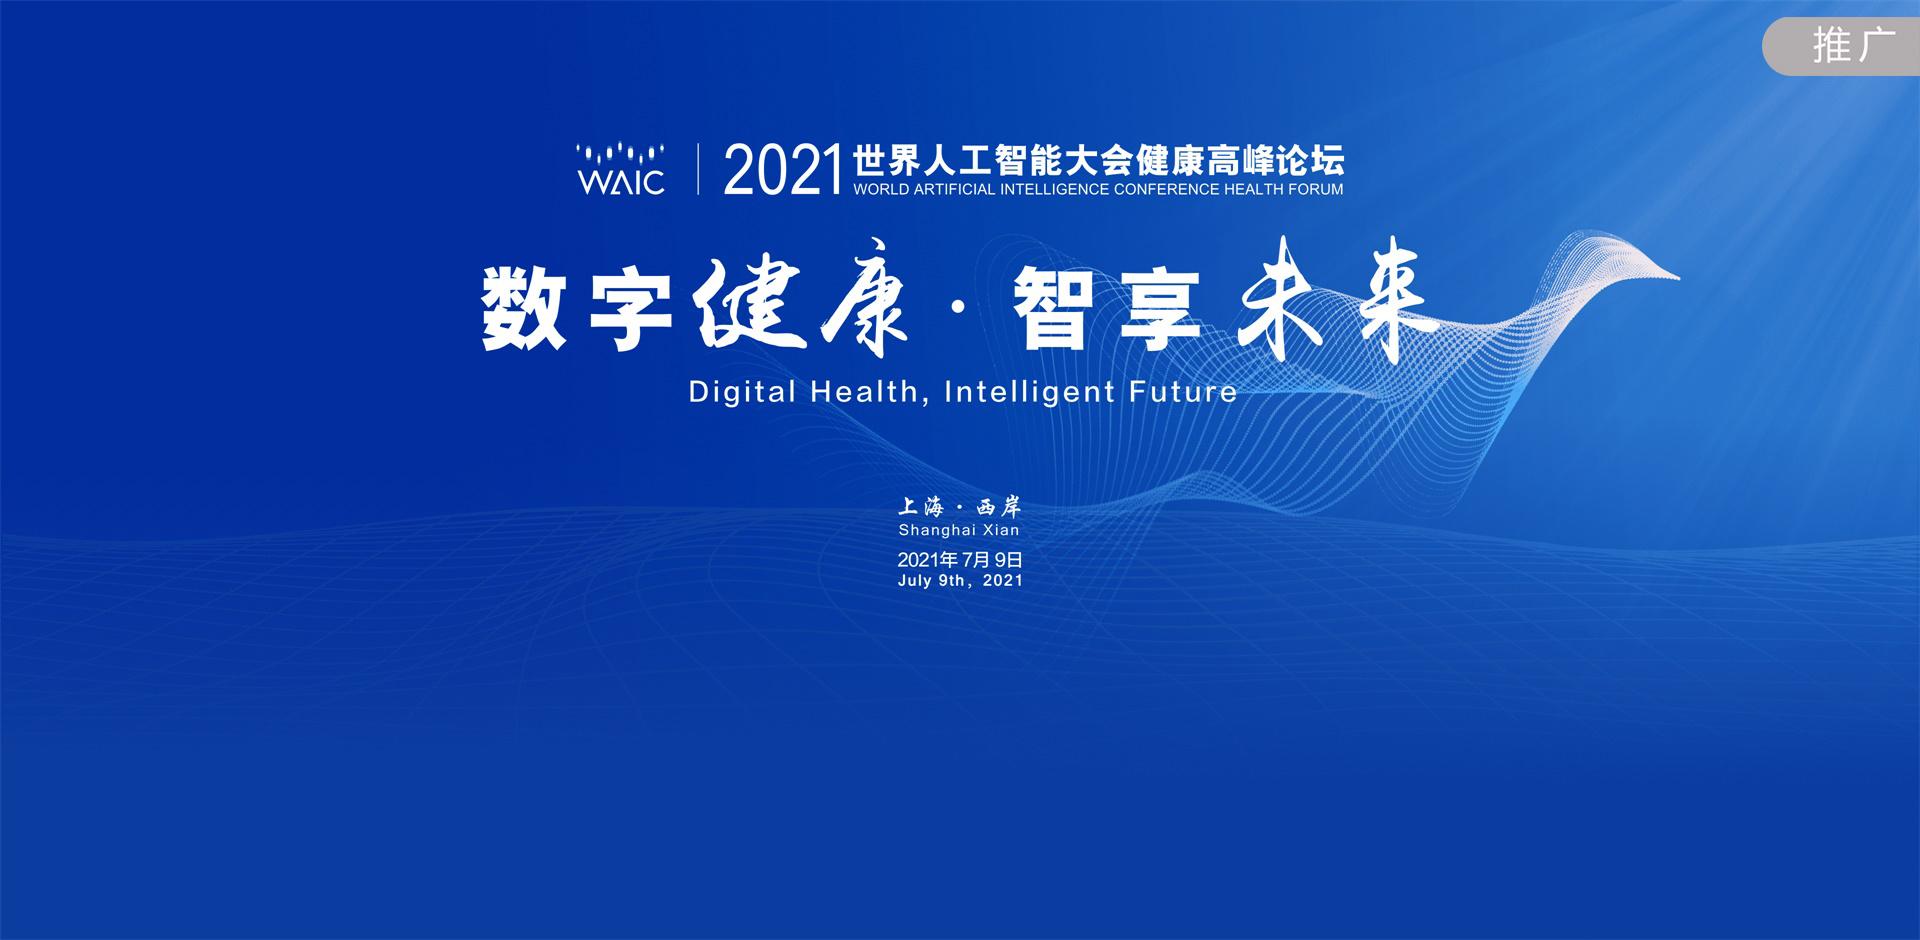 2021世界人工智能大会健康高峰论坛